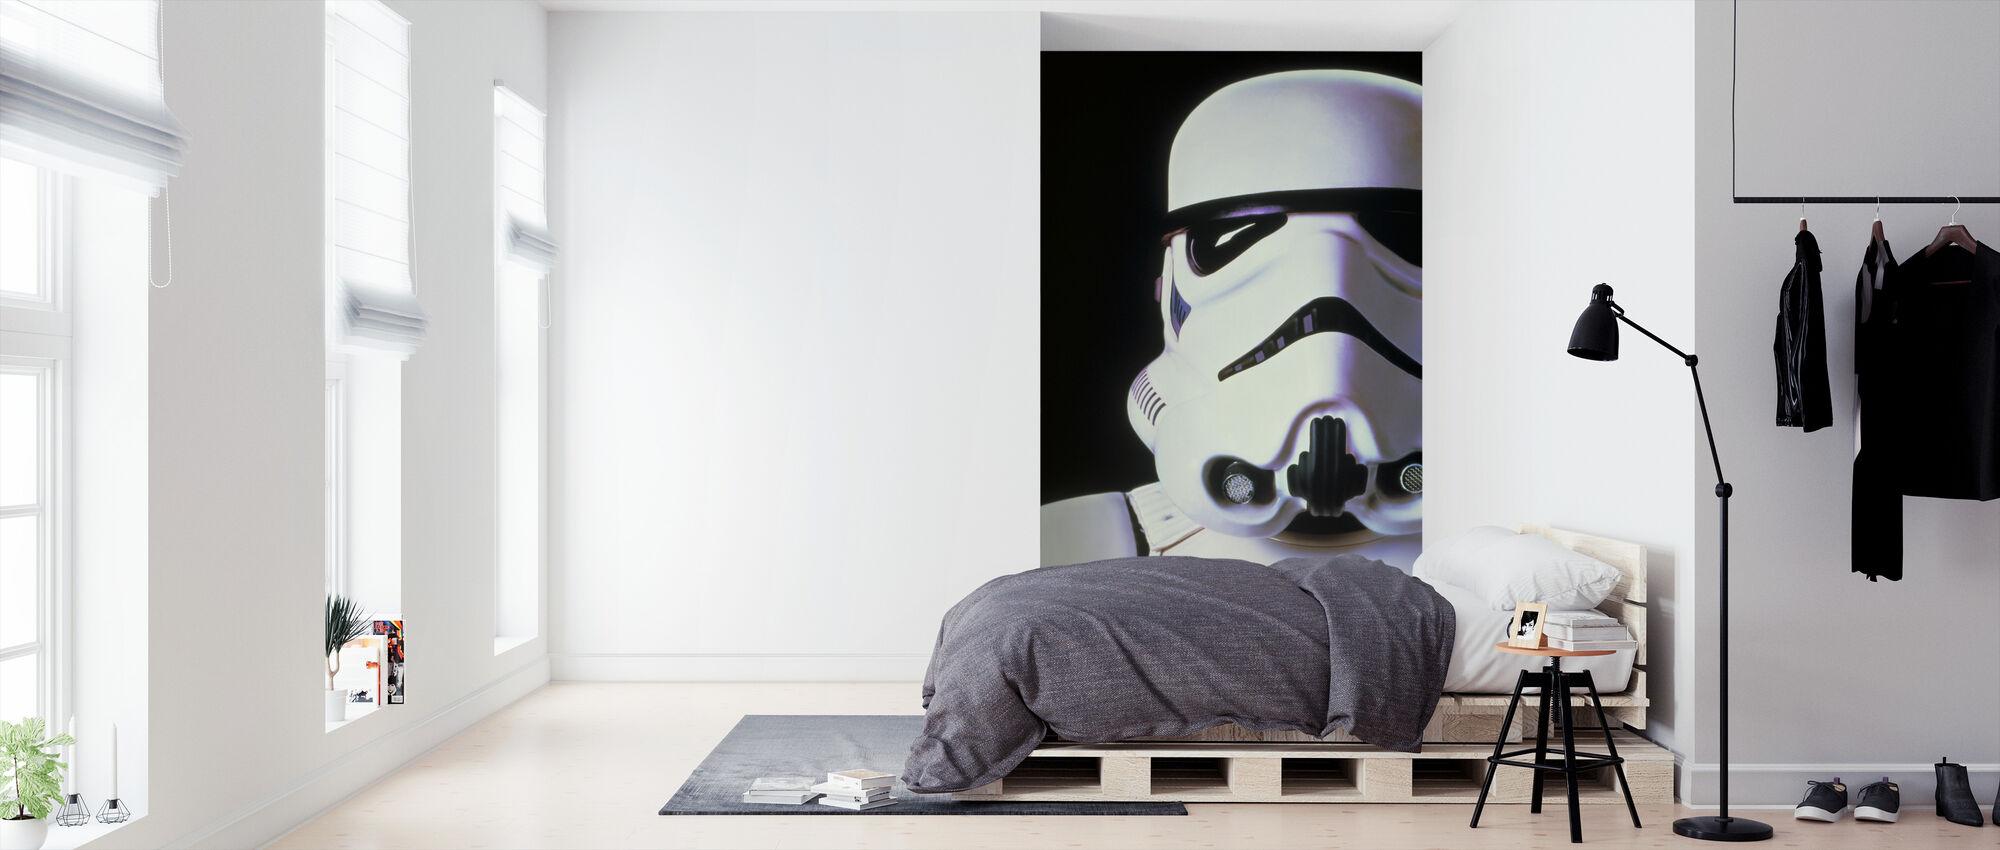 Star Wars - Stormtrooper - Tapet - Soverom